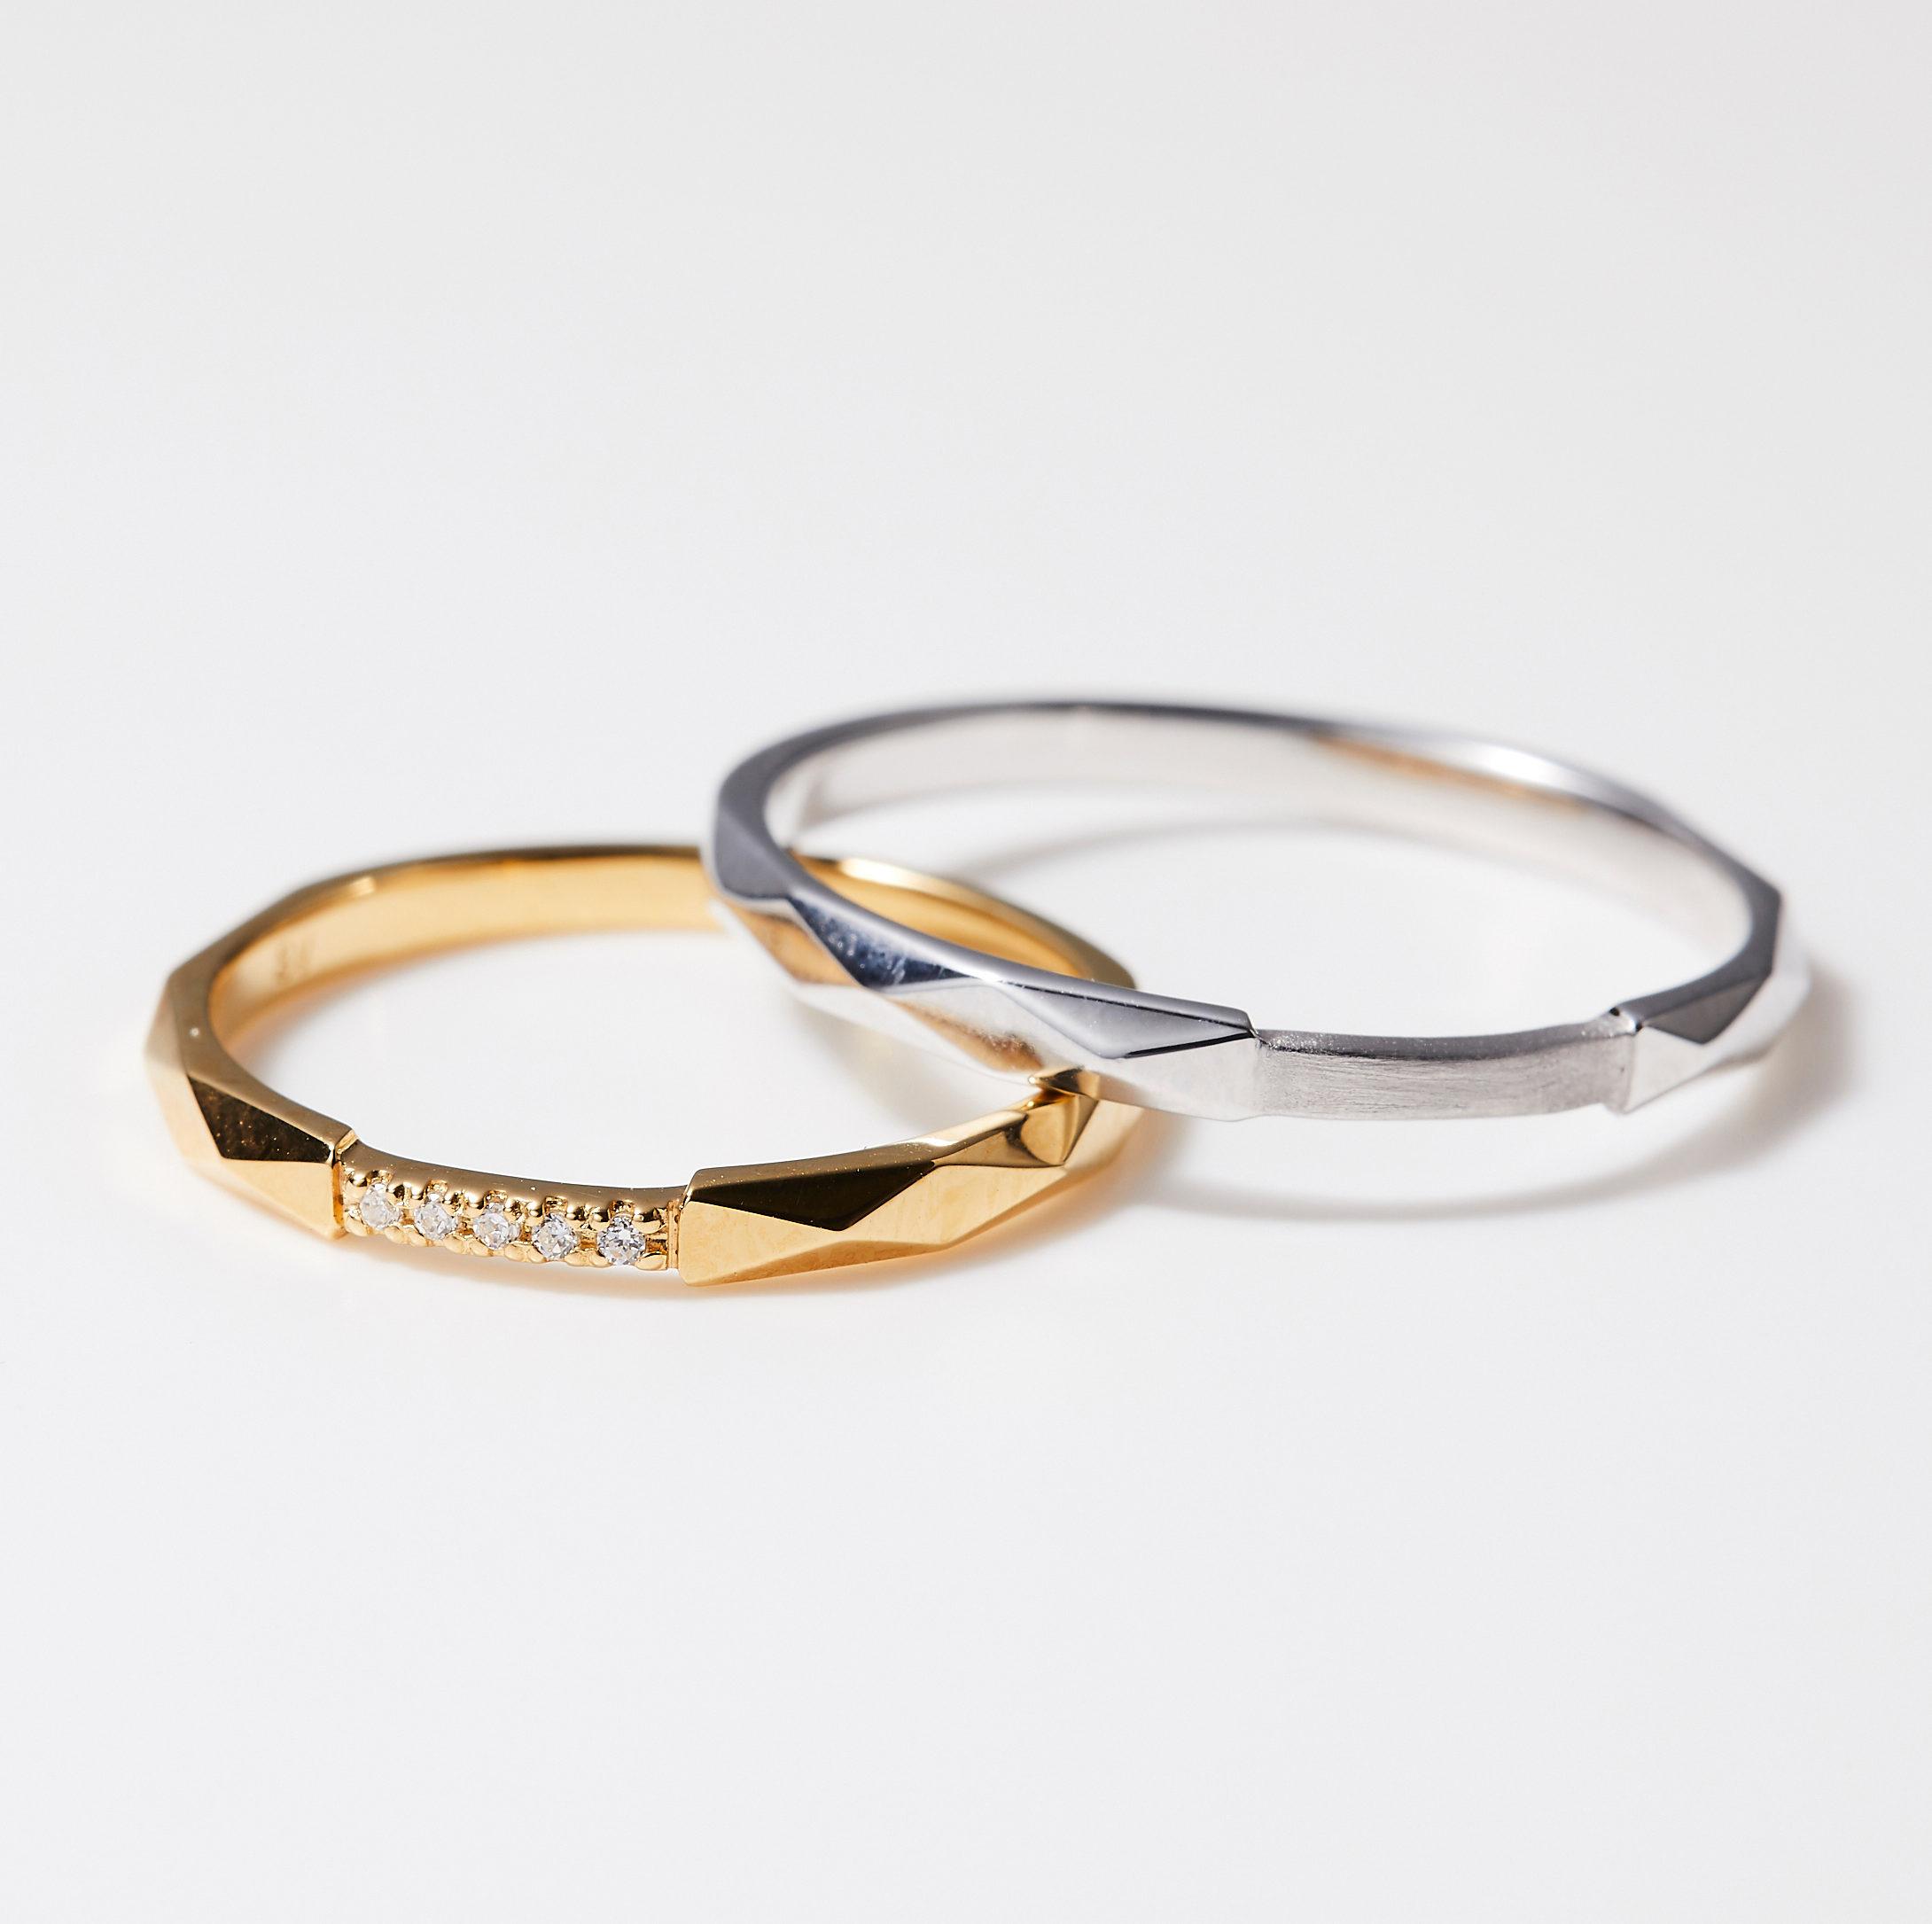 シンプル 結婚指輪のMJS-3・MJS-7